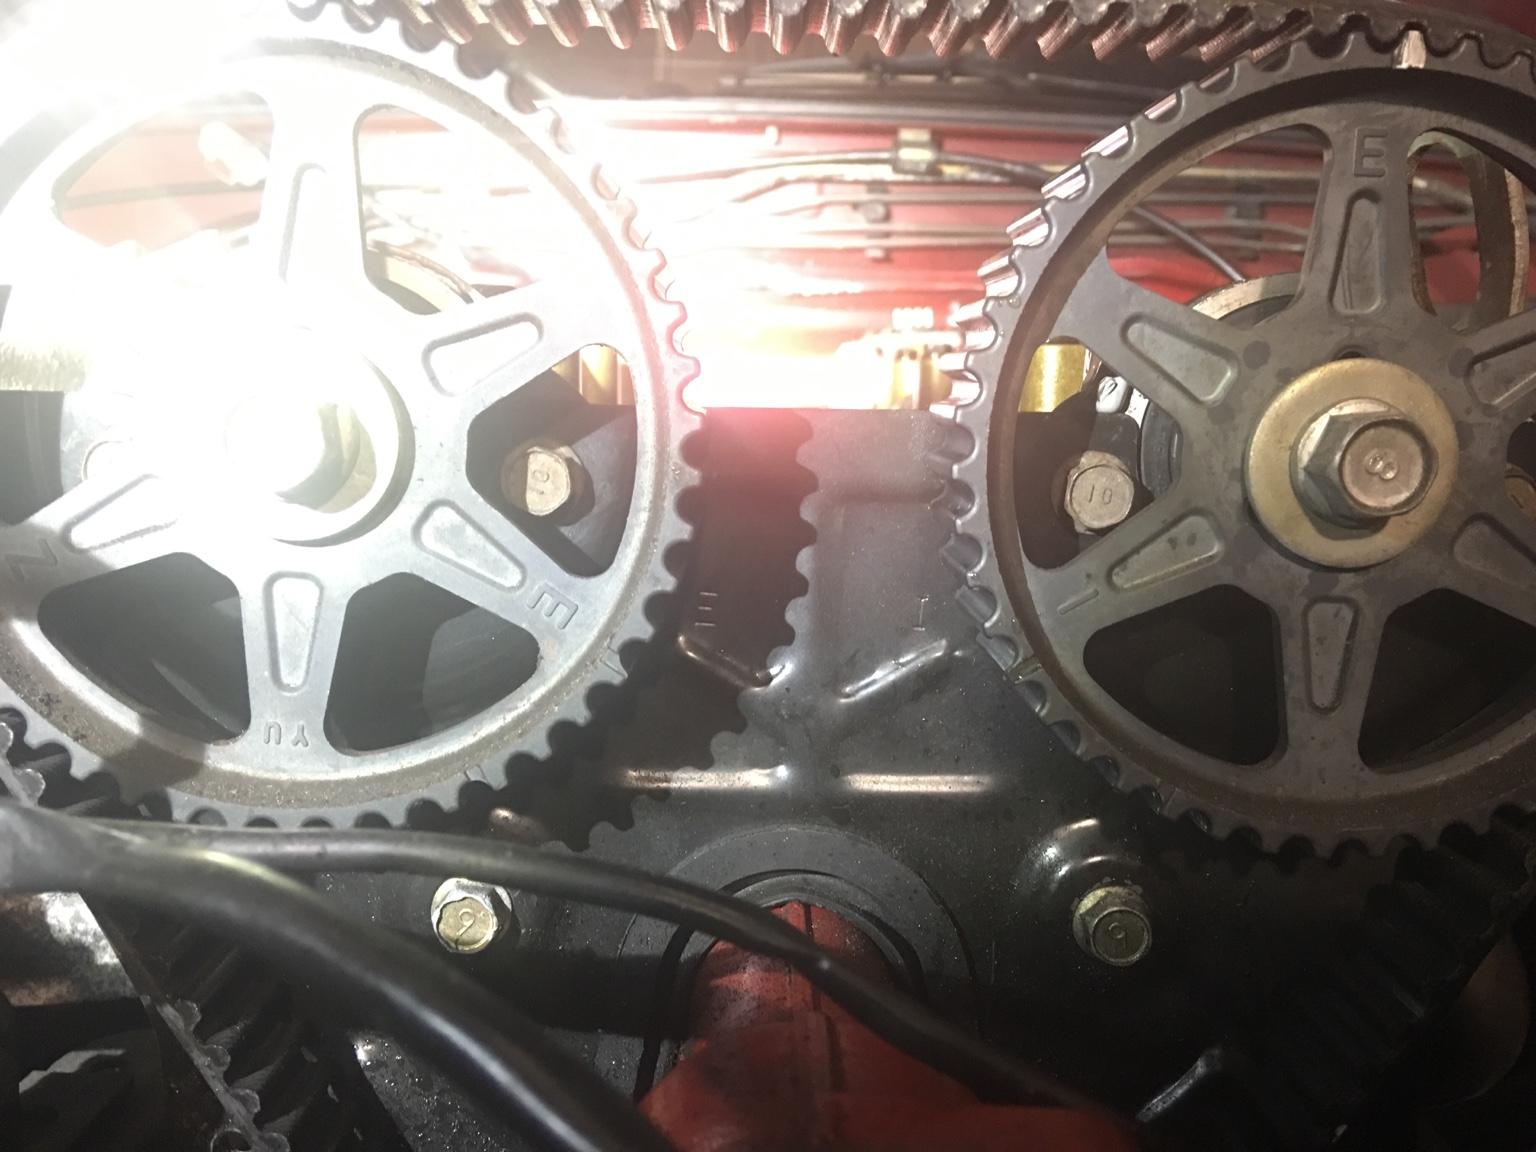 timing belt jumped a tooth?? - MX-5 Miata Forum